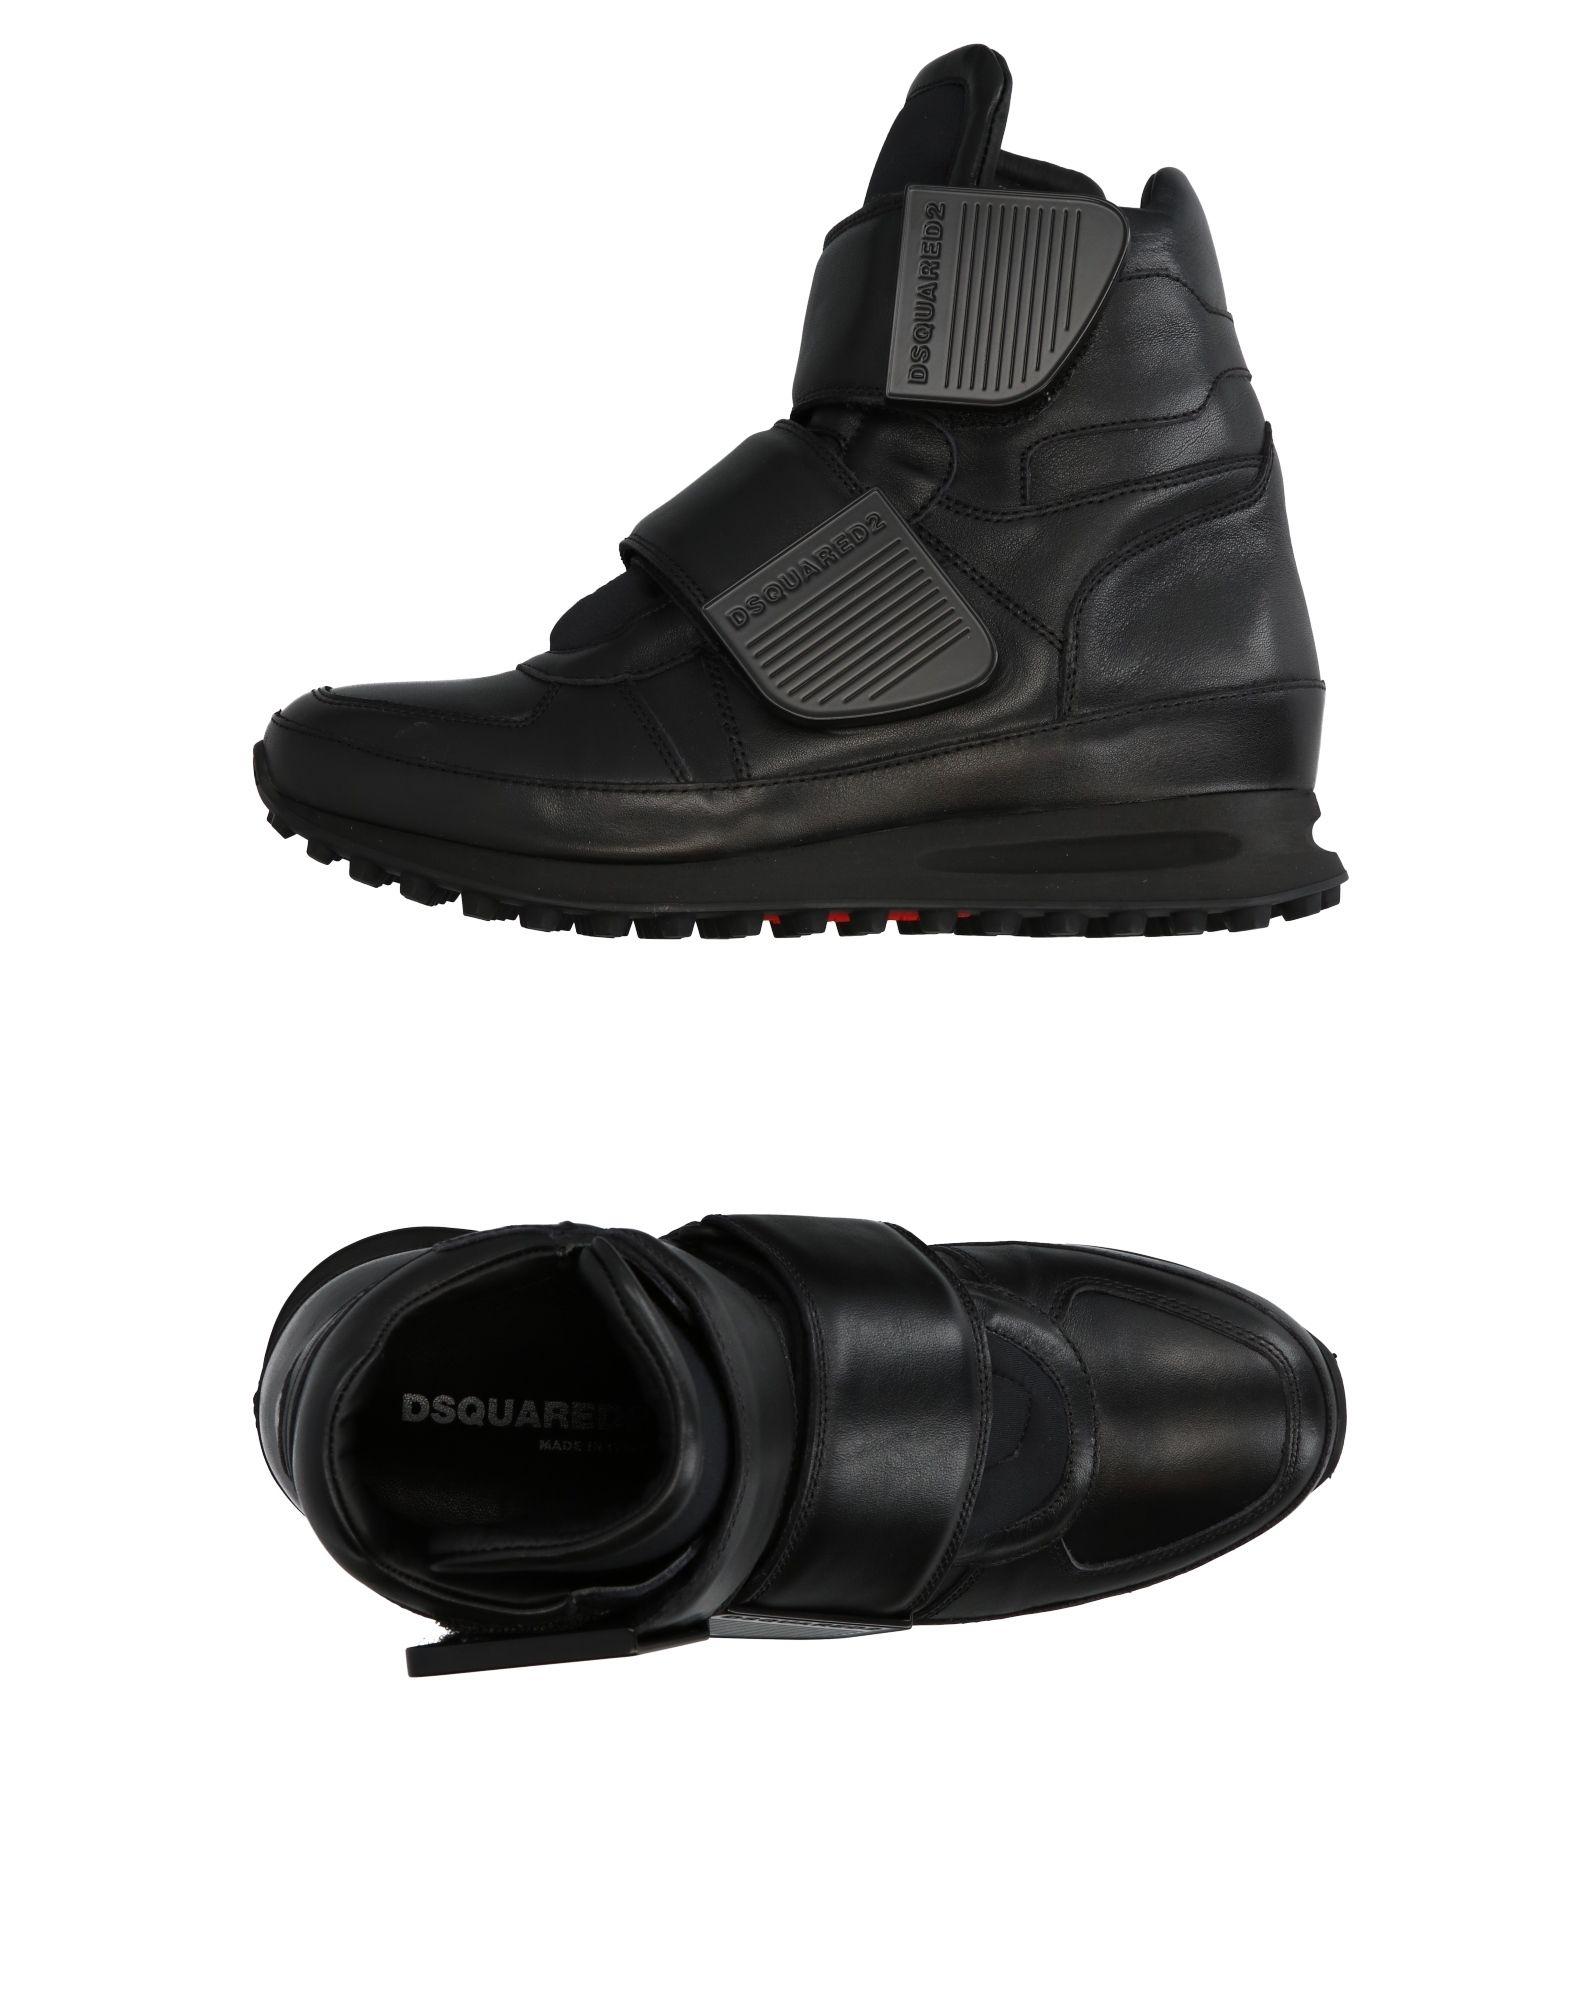 DsquaROT2 Sneakers Herren Gutes Gutes Gutes Preis-Leistungs-Verhältnis, es lohnt sich c809f9